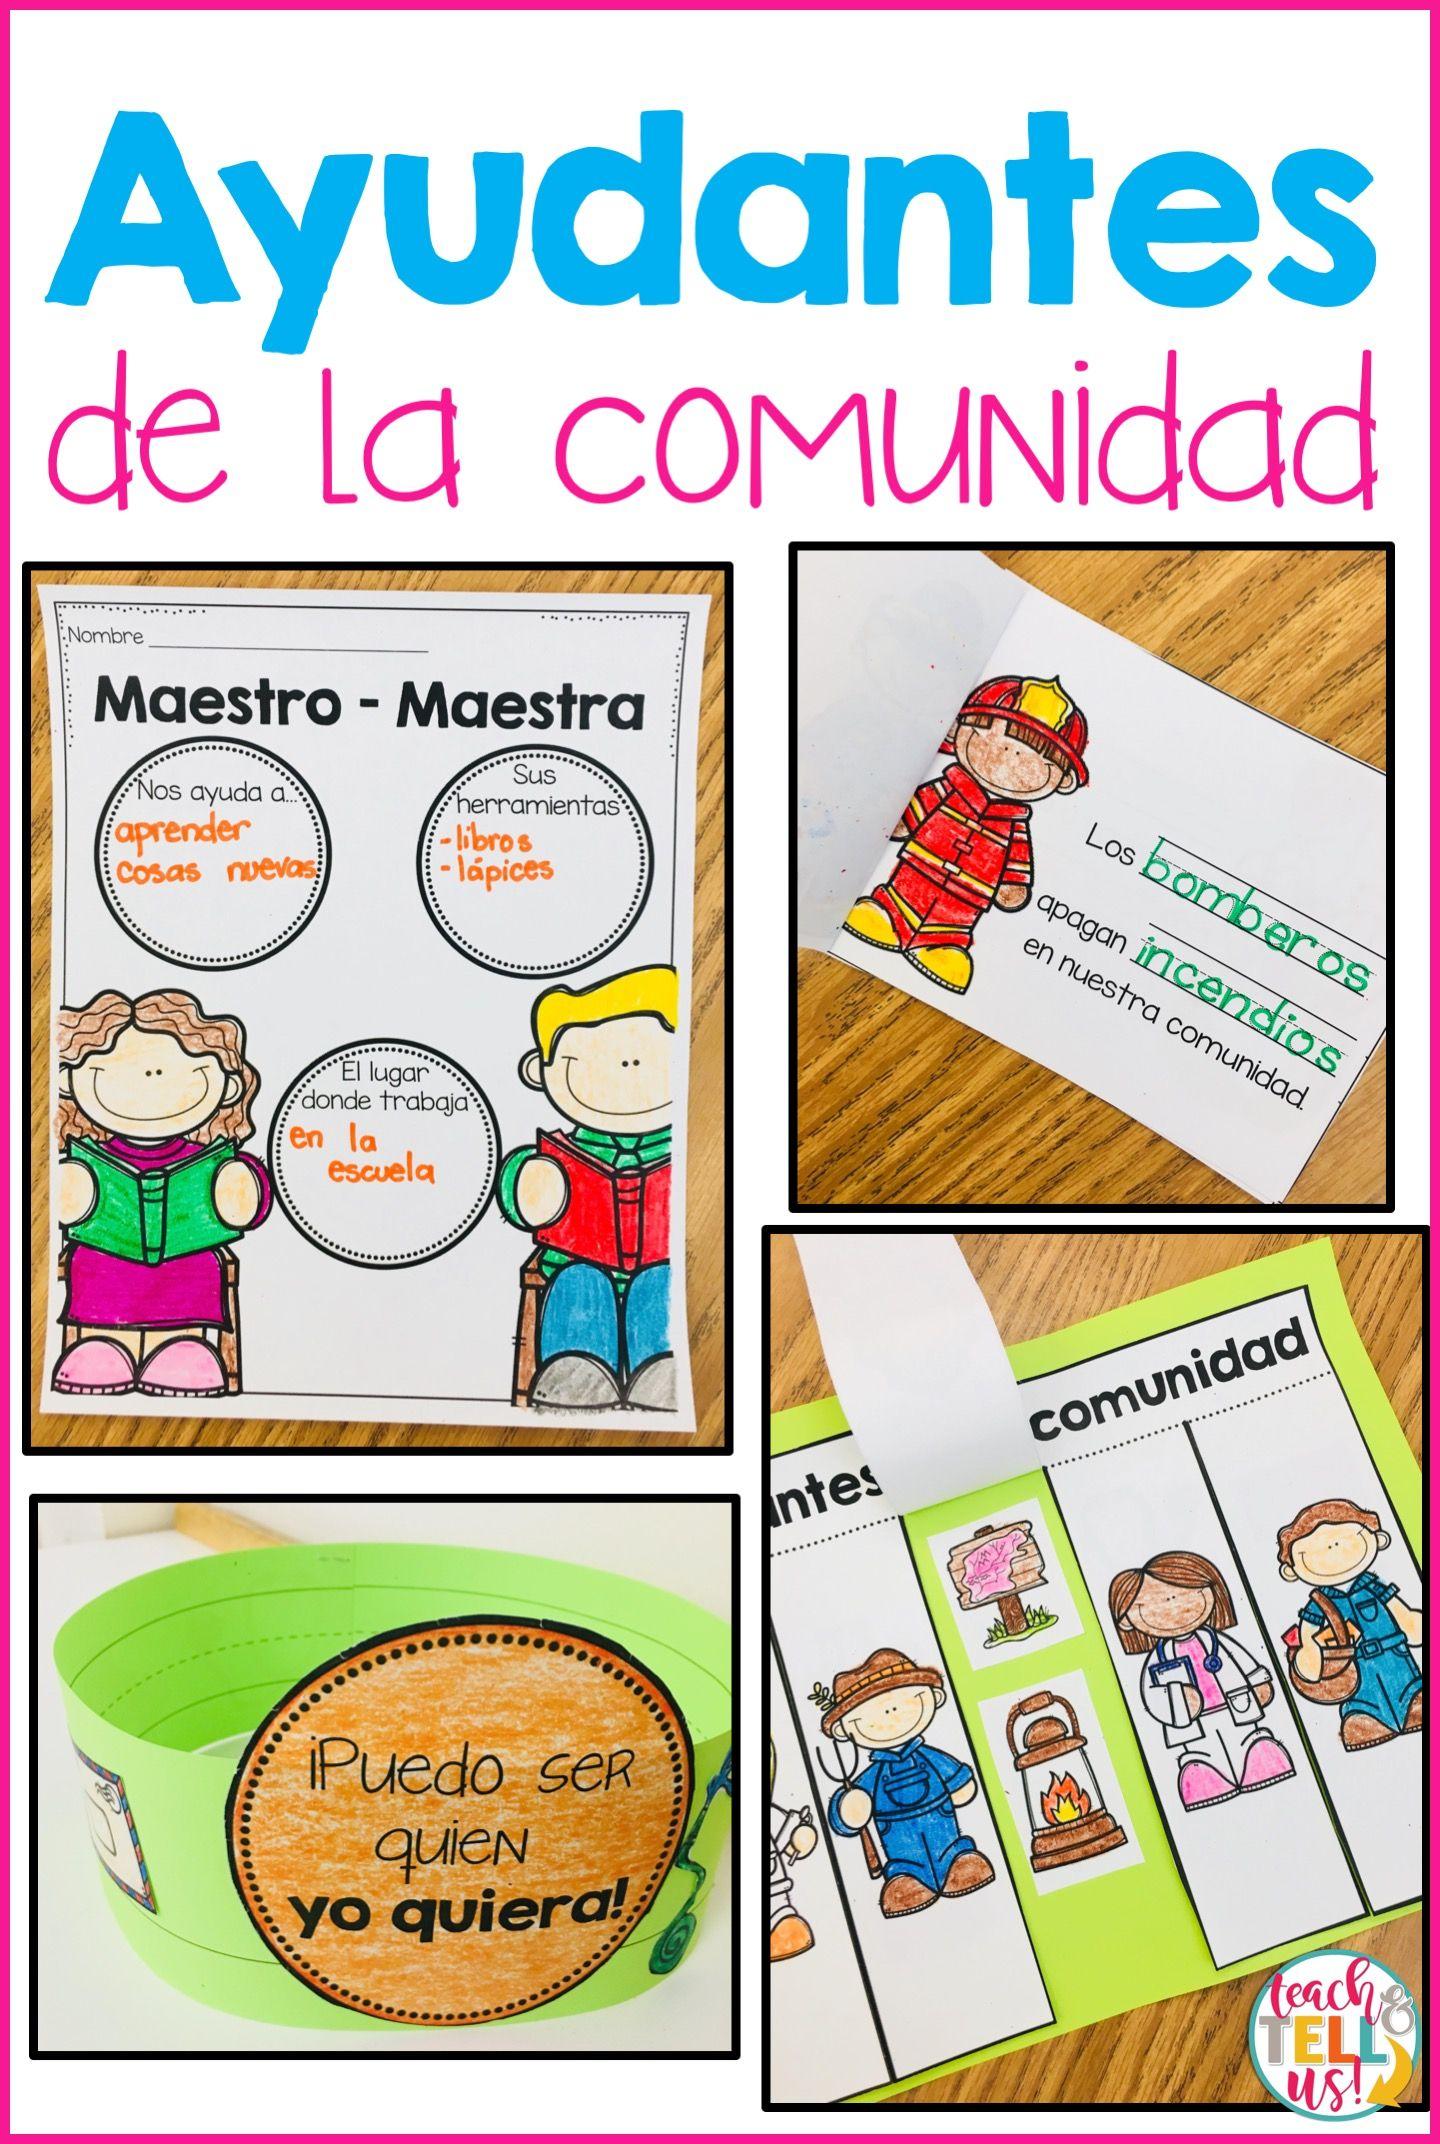 Ayudantes de la comunidad - Community Helpers in Spanish | Ayudantes ...